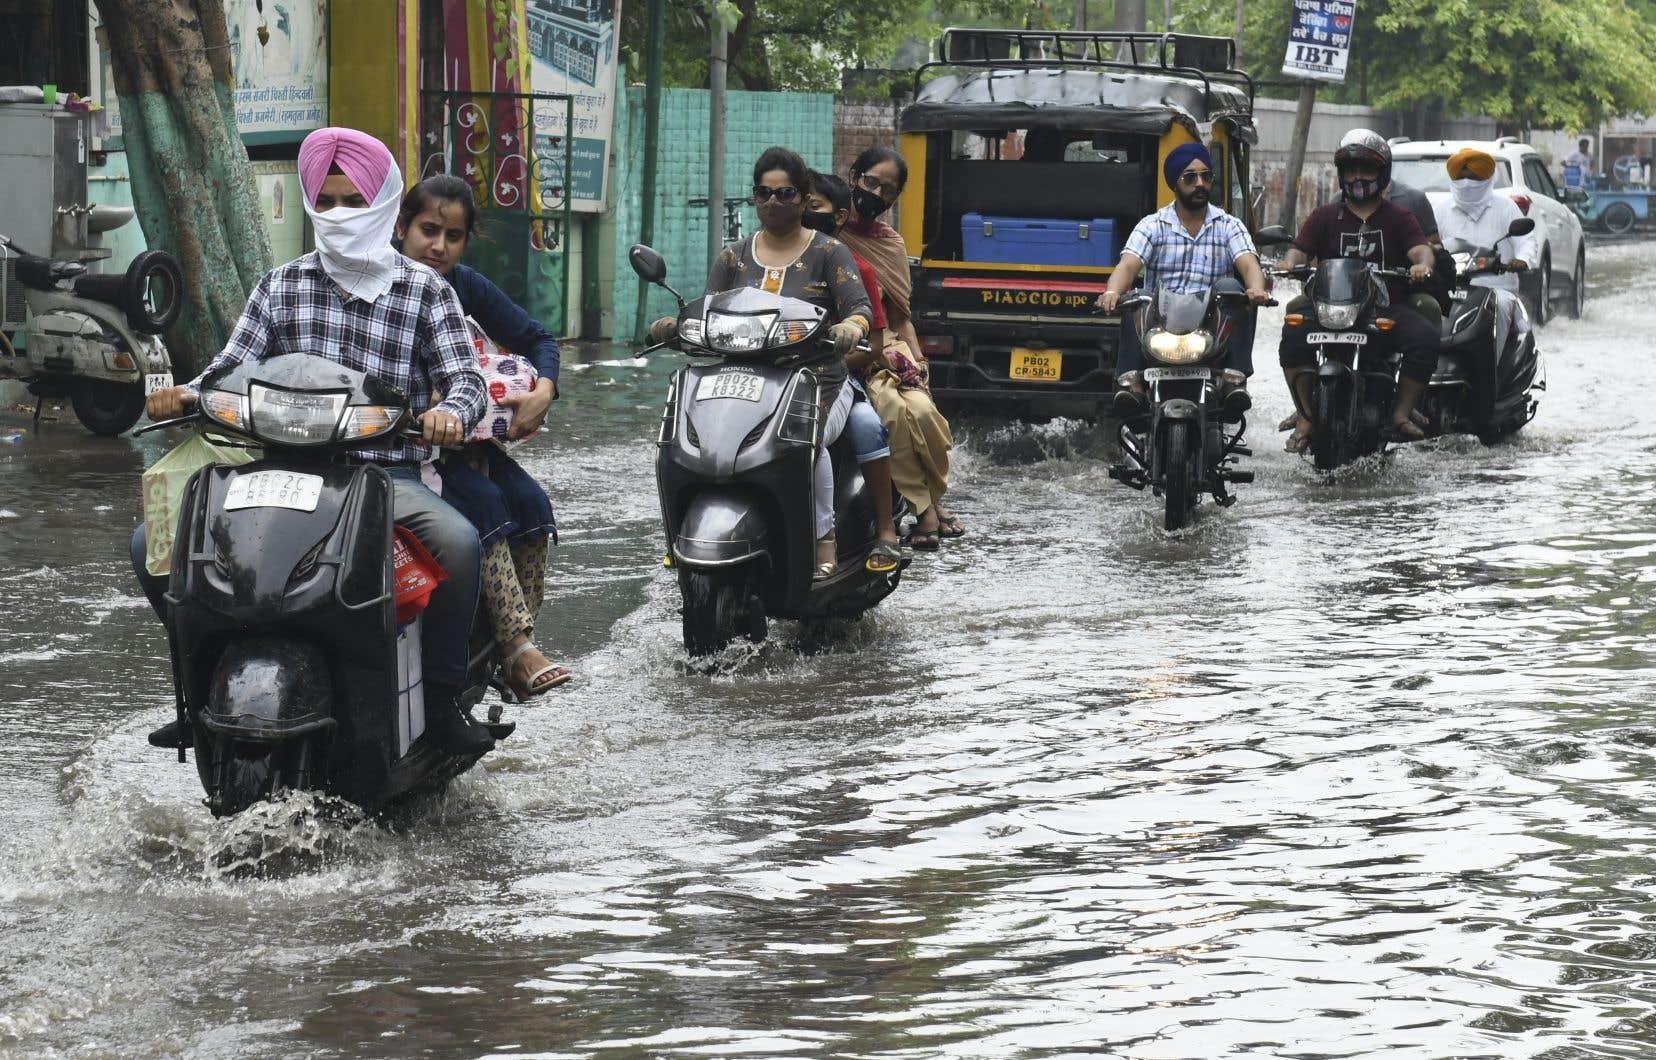 Dans certaines parties de la ville de Chiplun, toujours au sud de Bombay, le niveau de l'eau a atteint près de six mètres jeudi, après 24heures de pluies ininterrompues qui ont submergé routes et habitations.